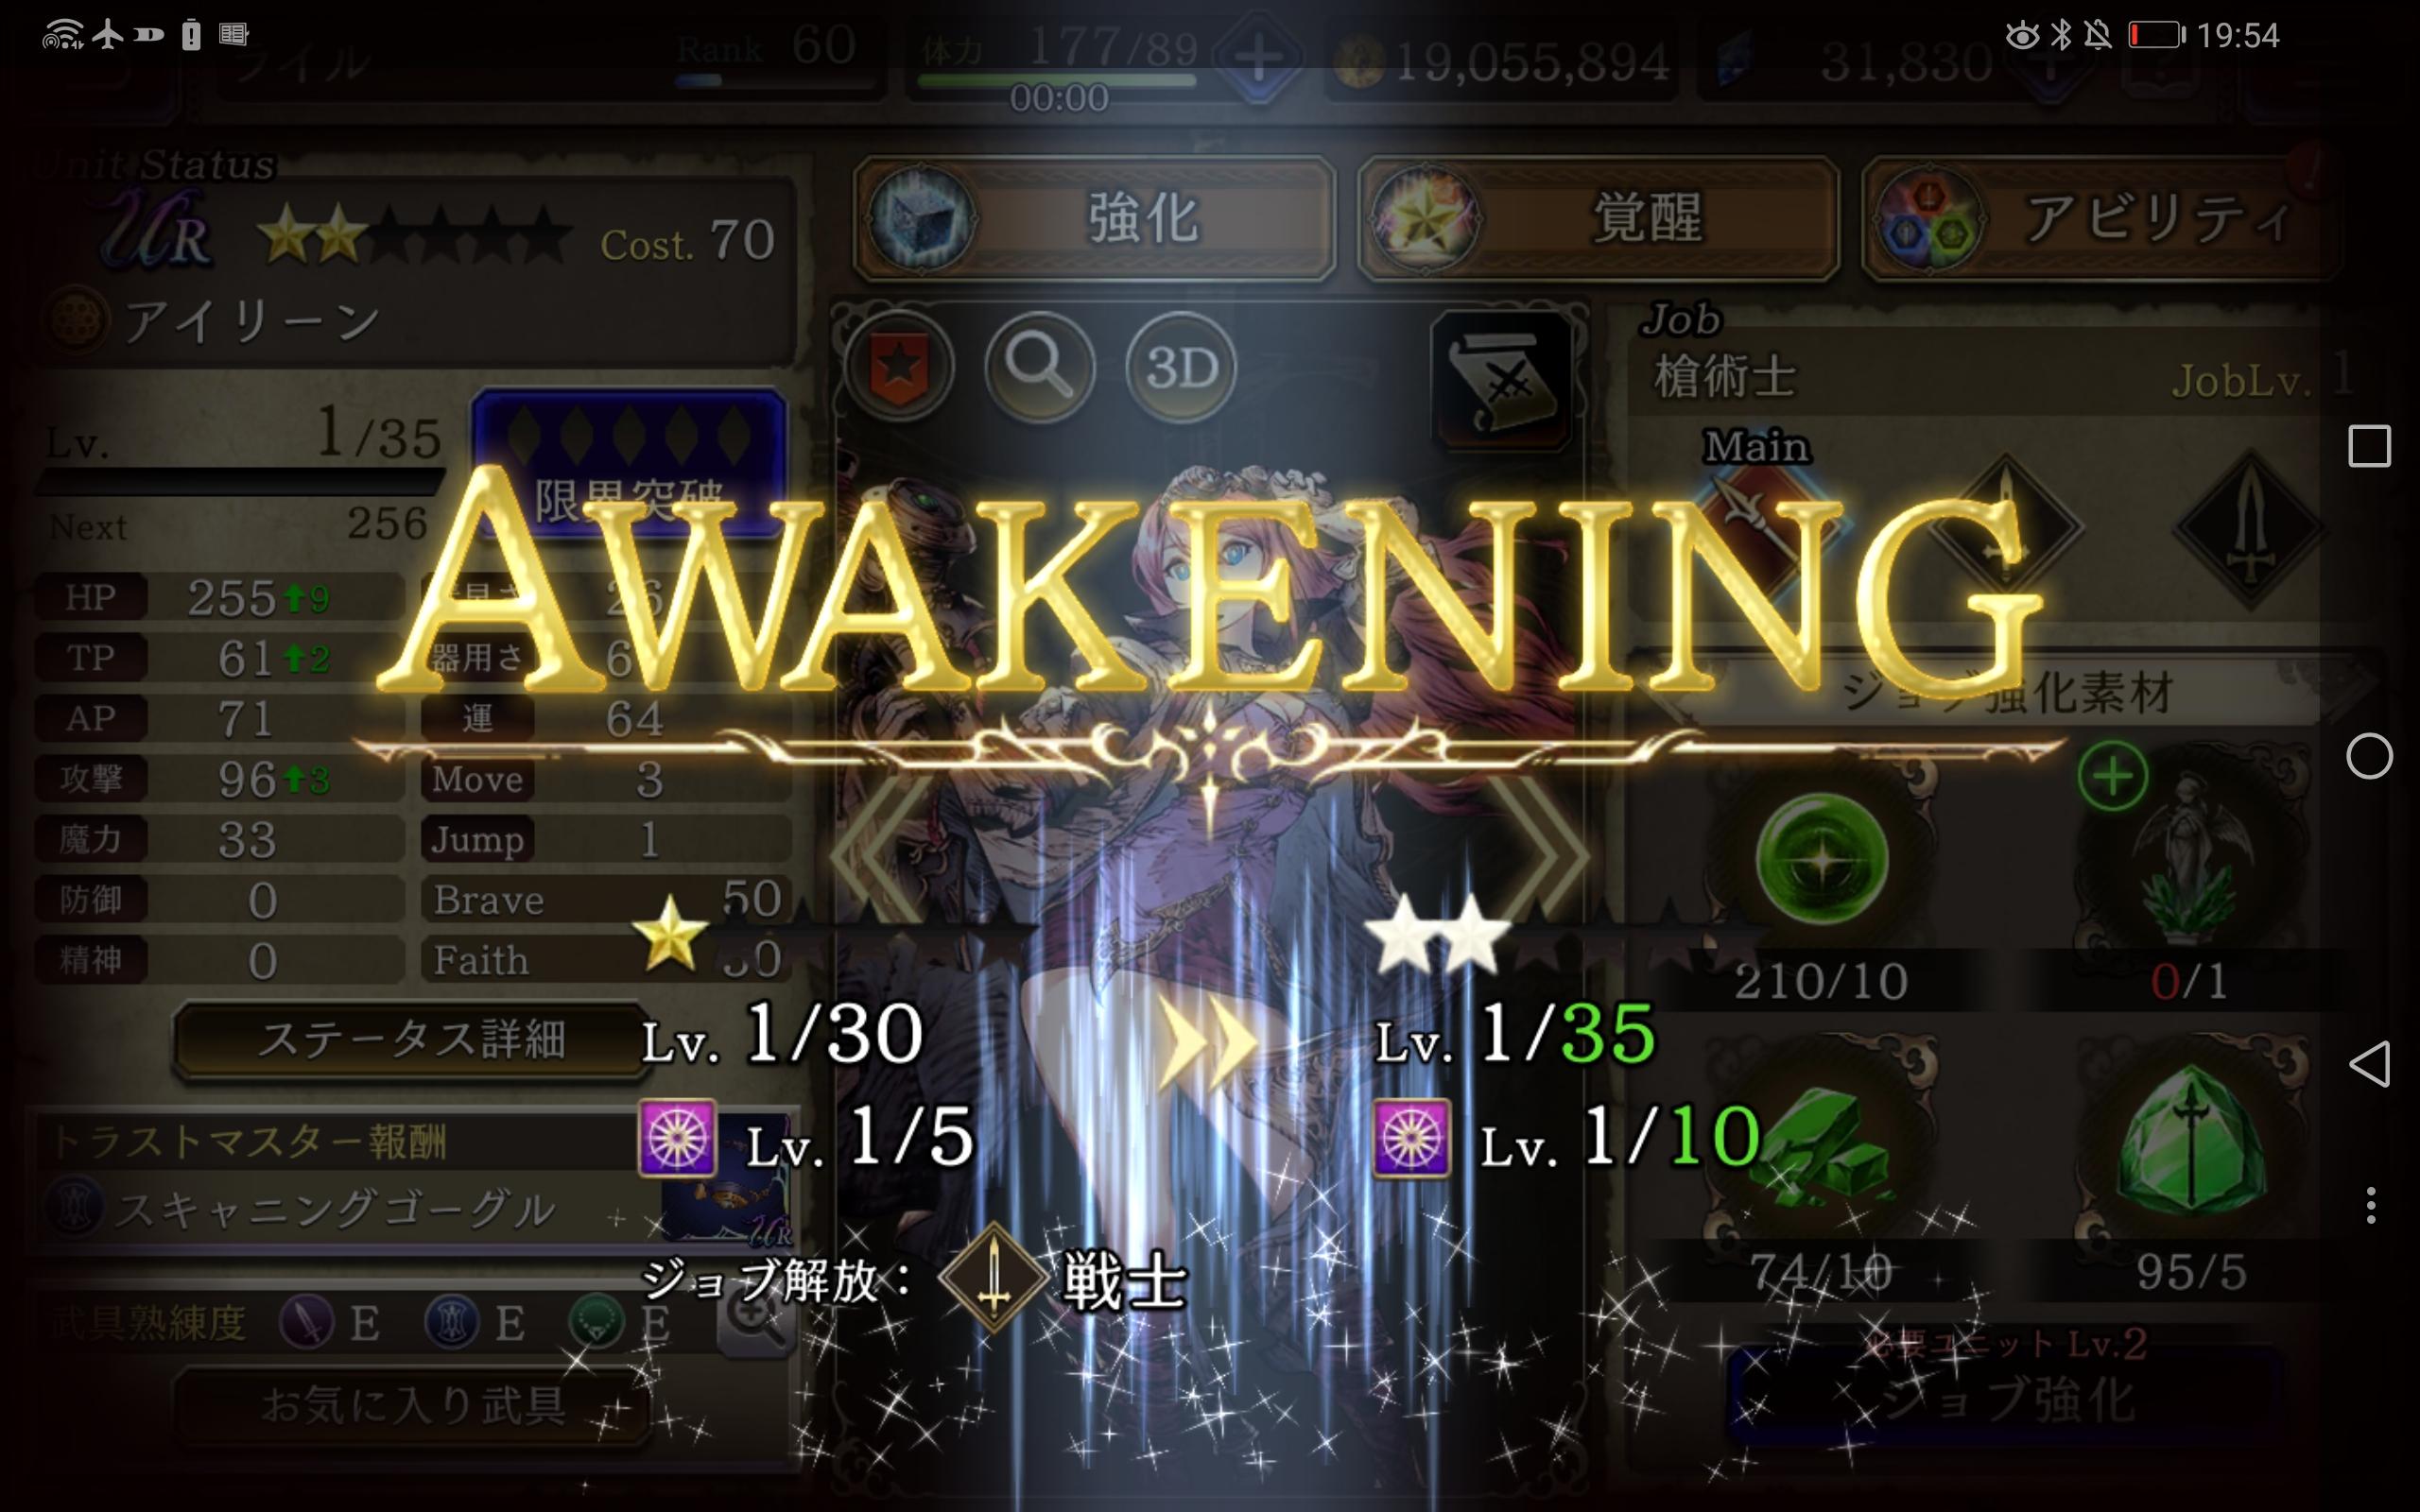 【無課金】FFBE幻影戦争のユニット覚醒素材と入手方法は?